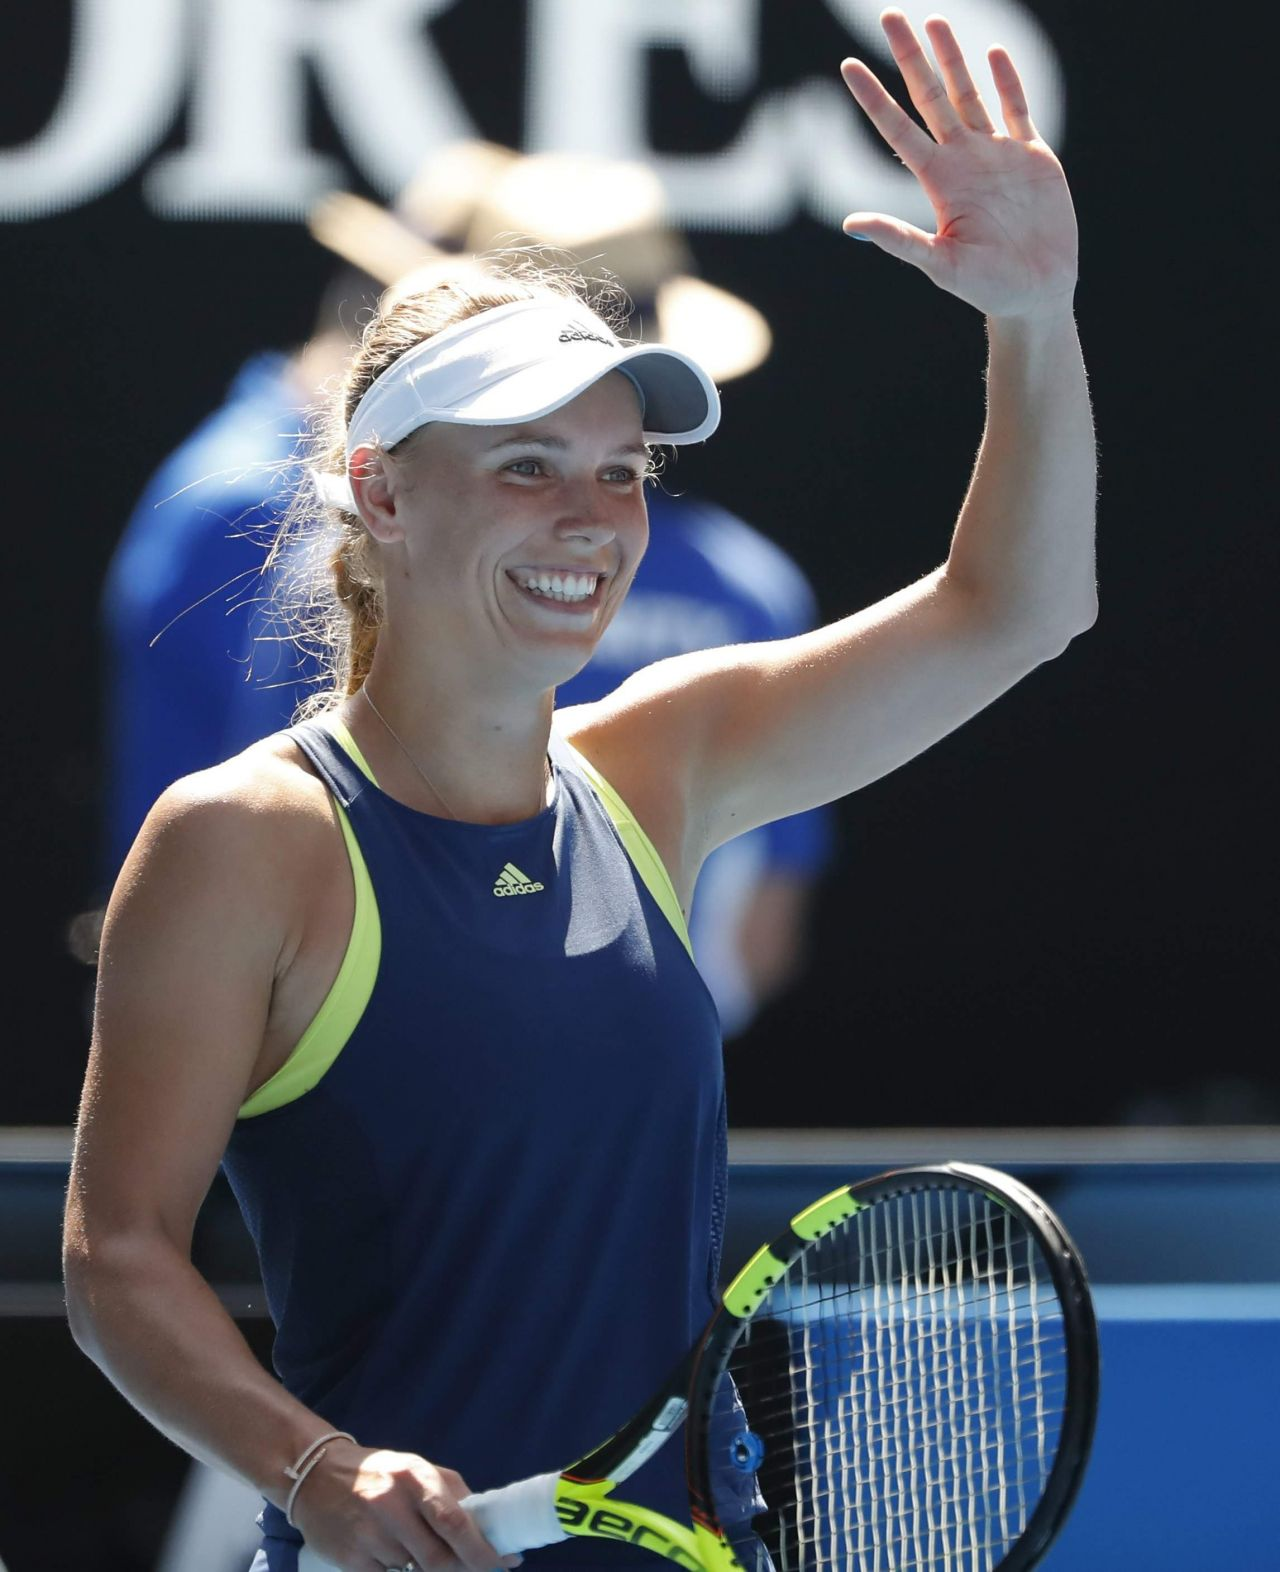 Caroline Wozniacki – Australian Open 01/25/2018